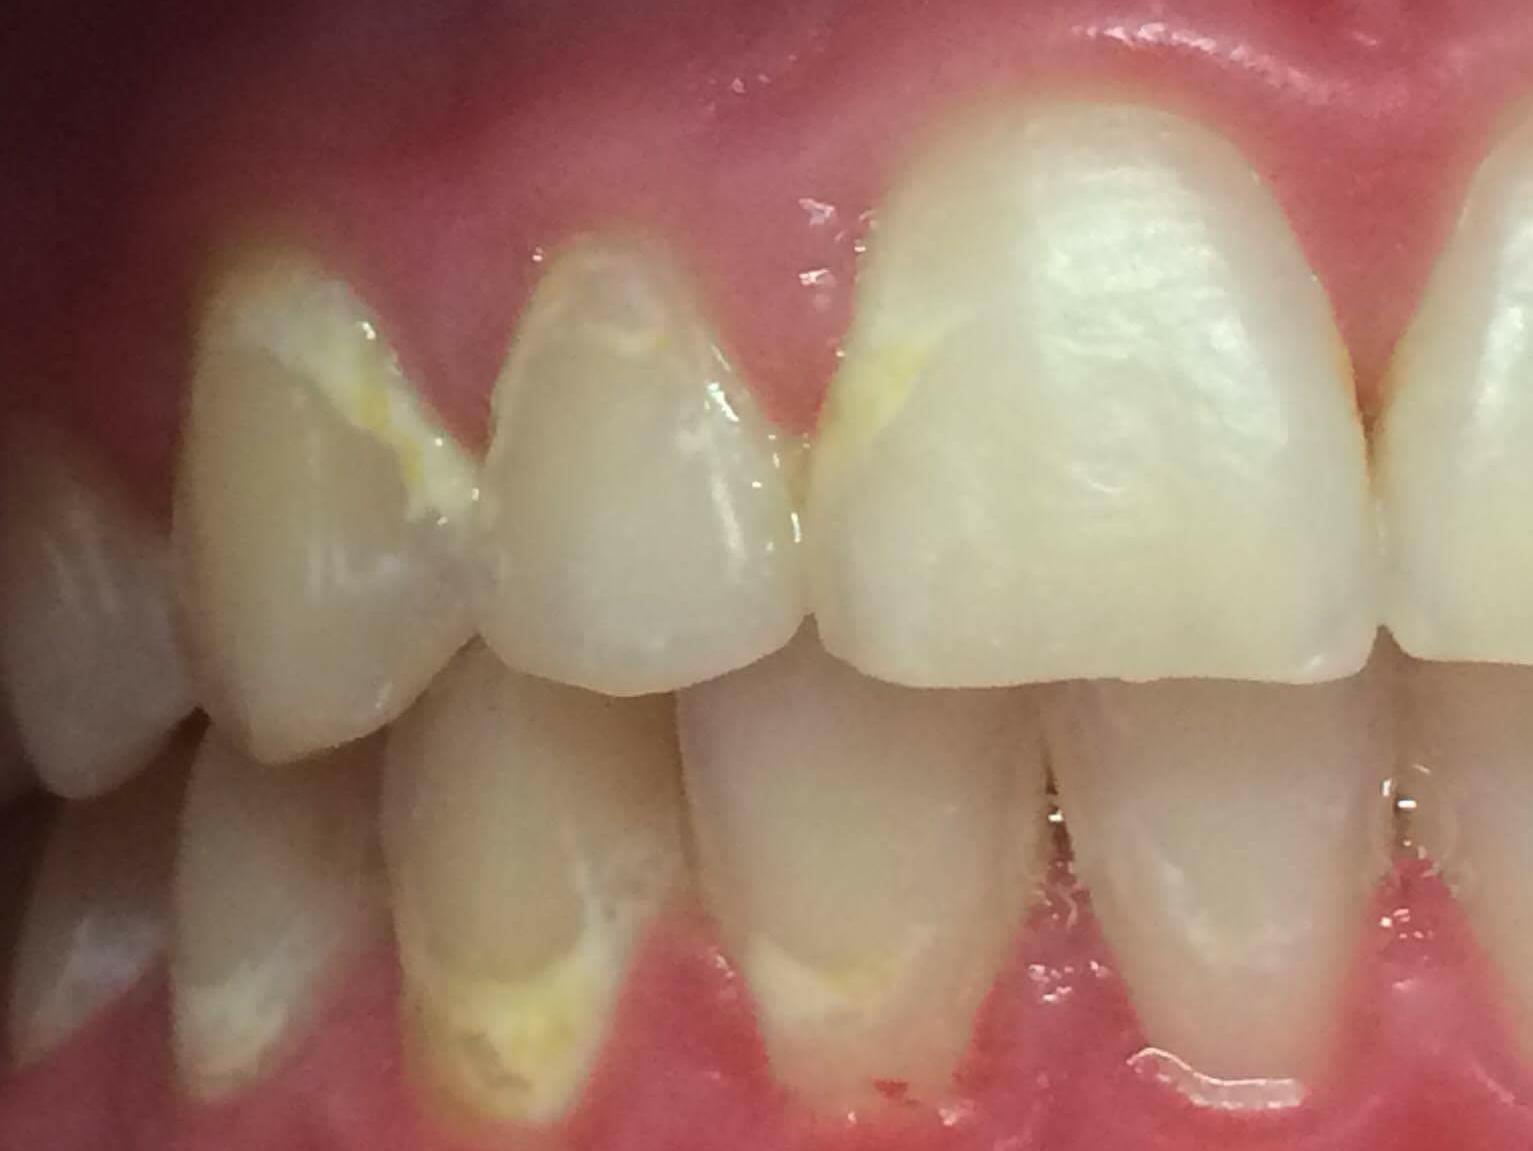 Felnőttkori fogszabályozás: vége a nyuszi fogas éveknek – előtte-utána fotók